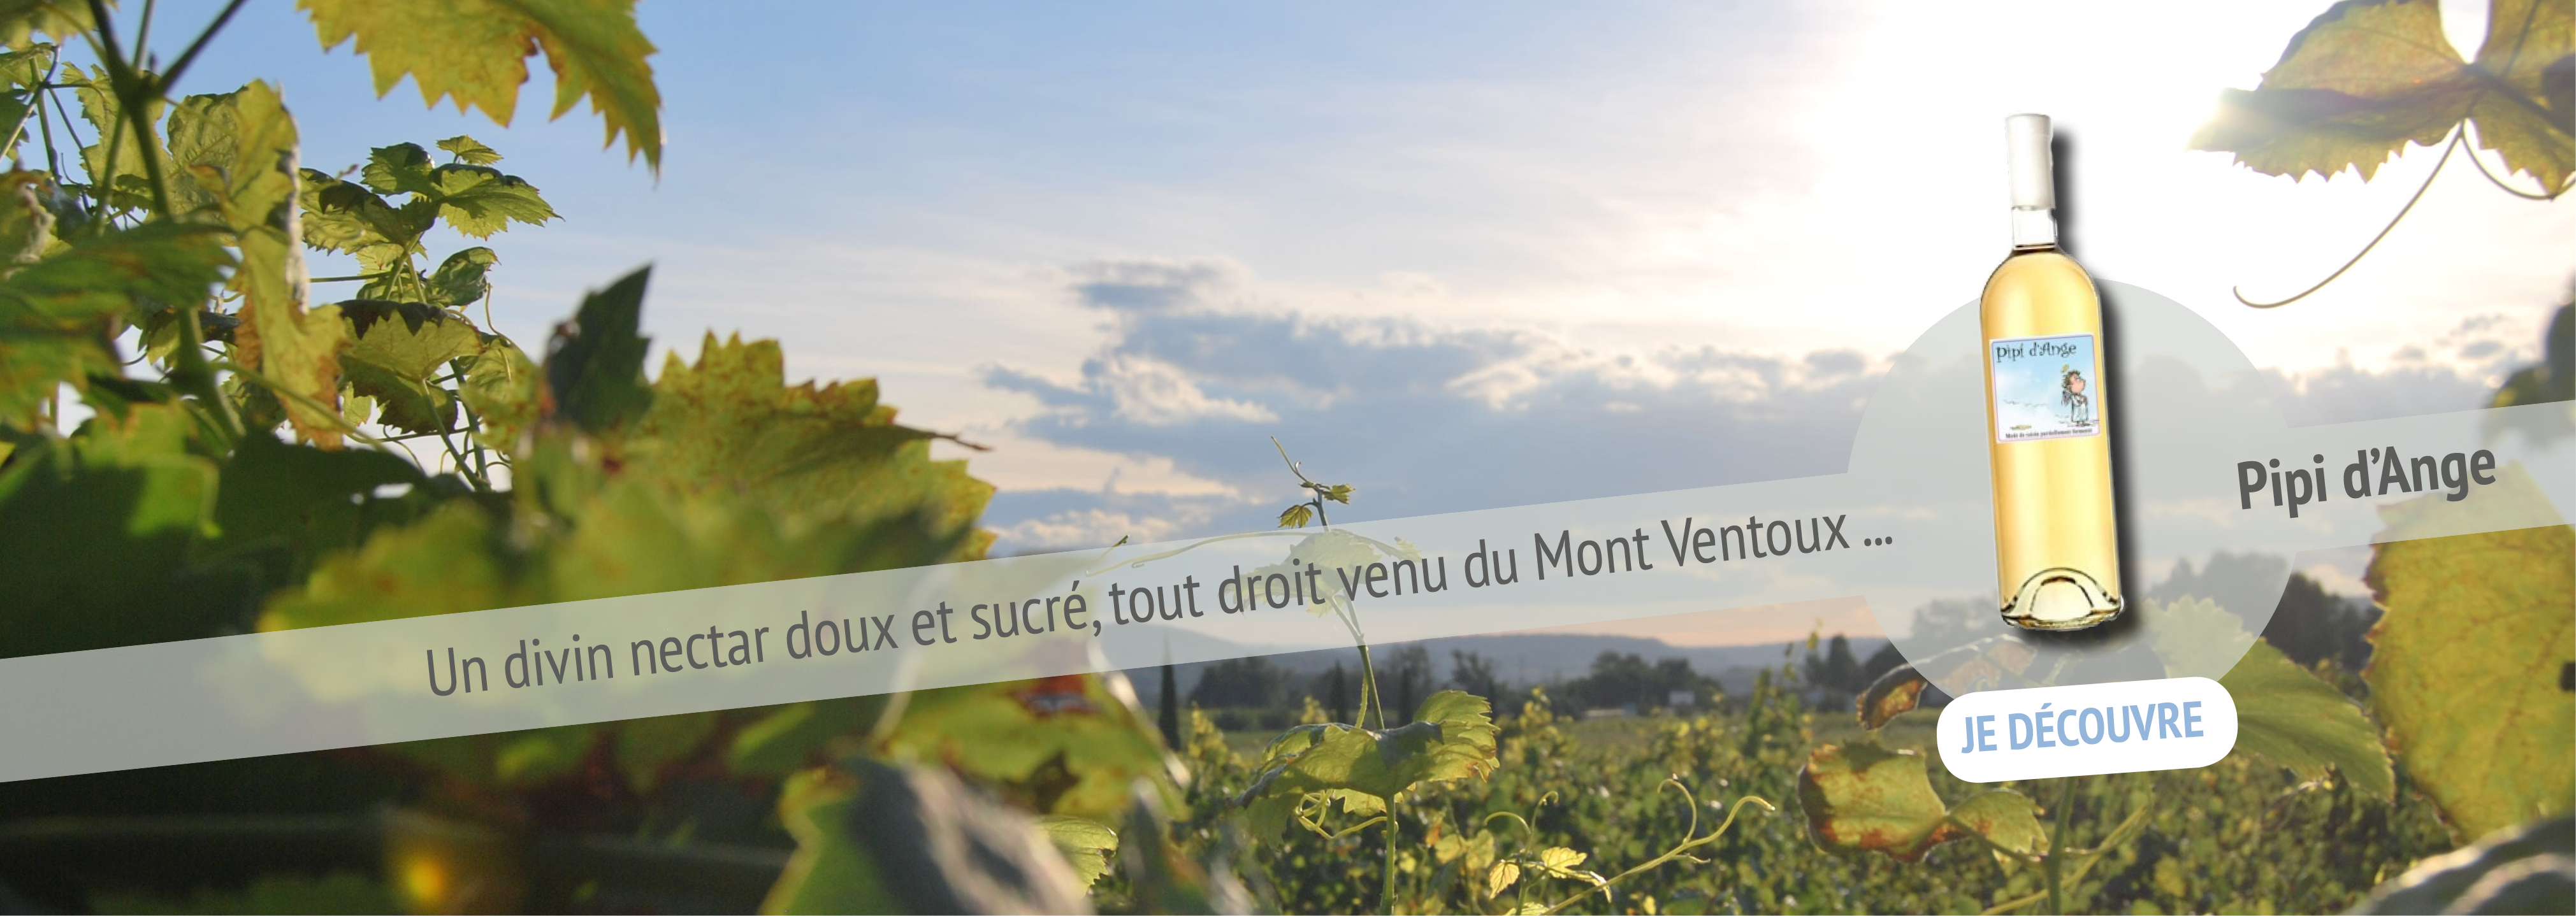 Pipi d'Ange - La Ferme Saint Pierre Ventoux